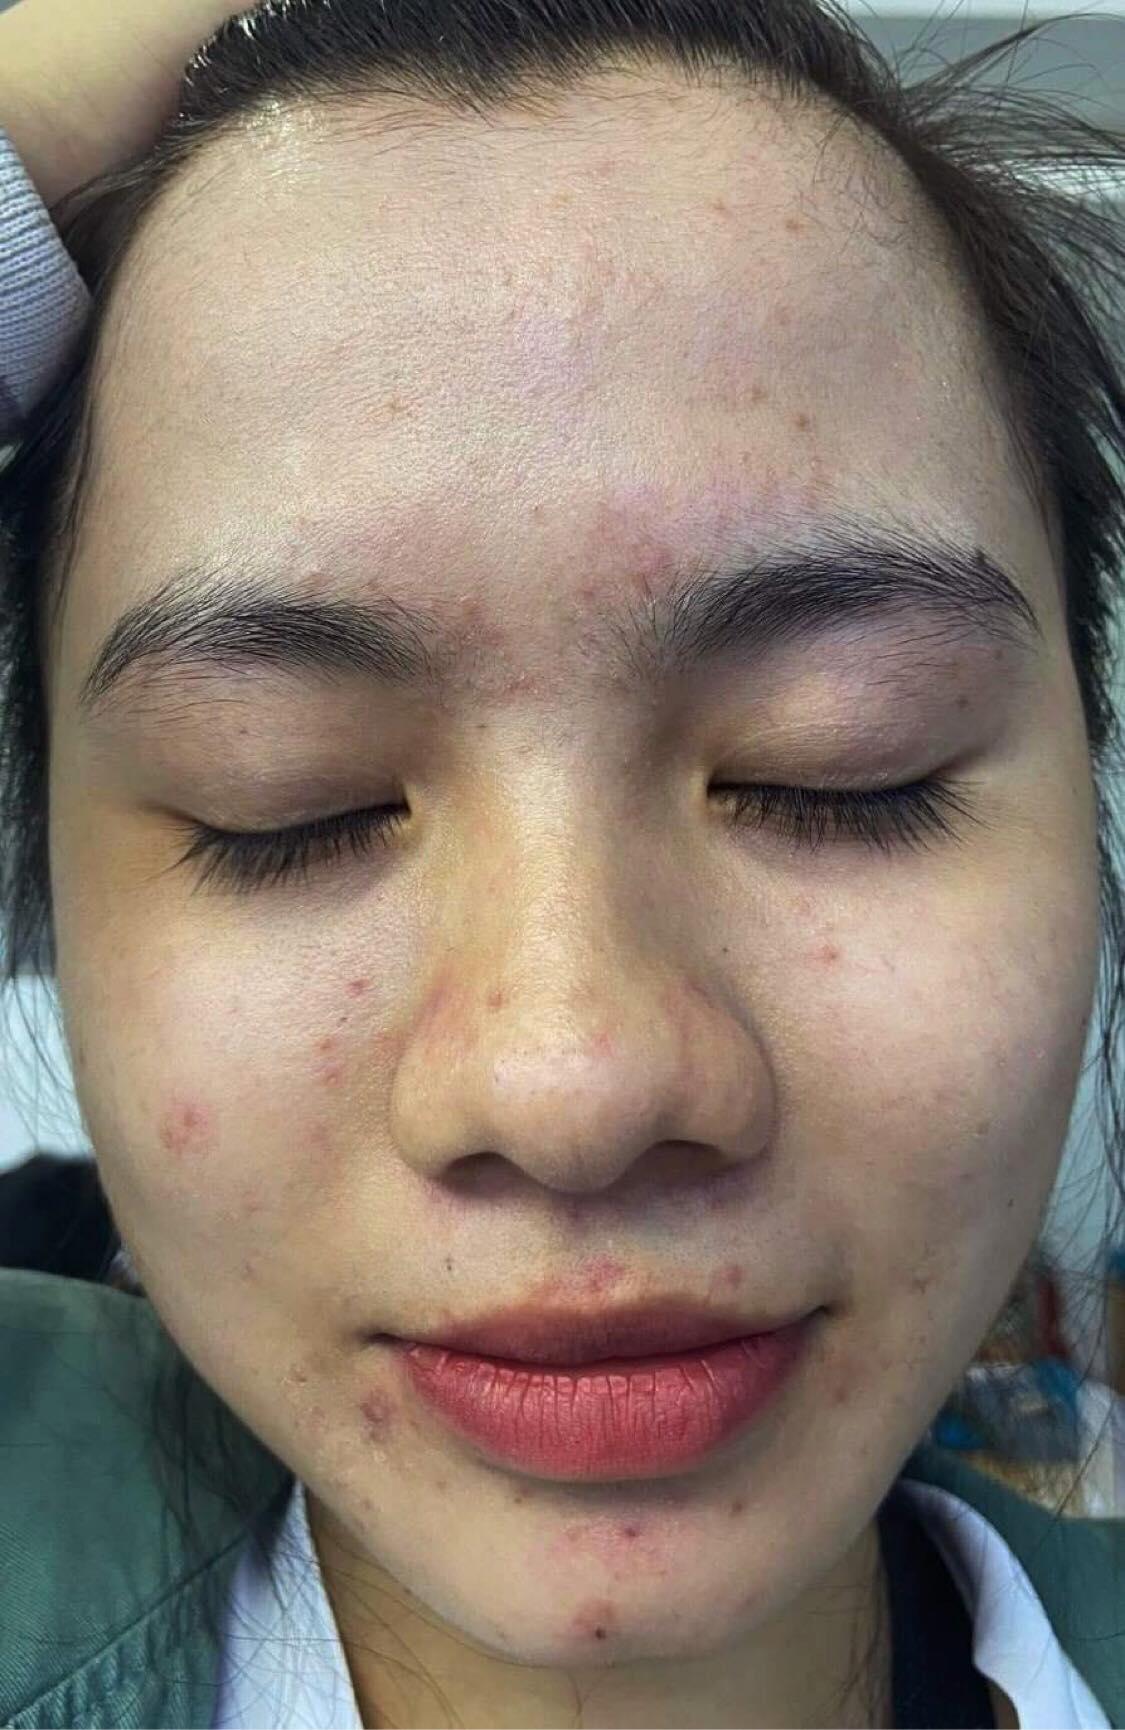 Nữ sinh Y khoa Cần Thơ thú nhận những sai lầm trong trị mụn và chốt hạ mụn viêm, mụn ẩn sau 3 tháng - Ảnh 1.